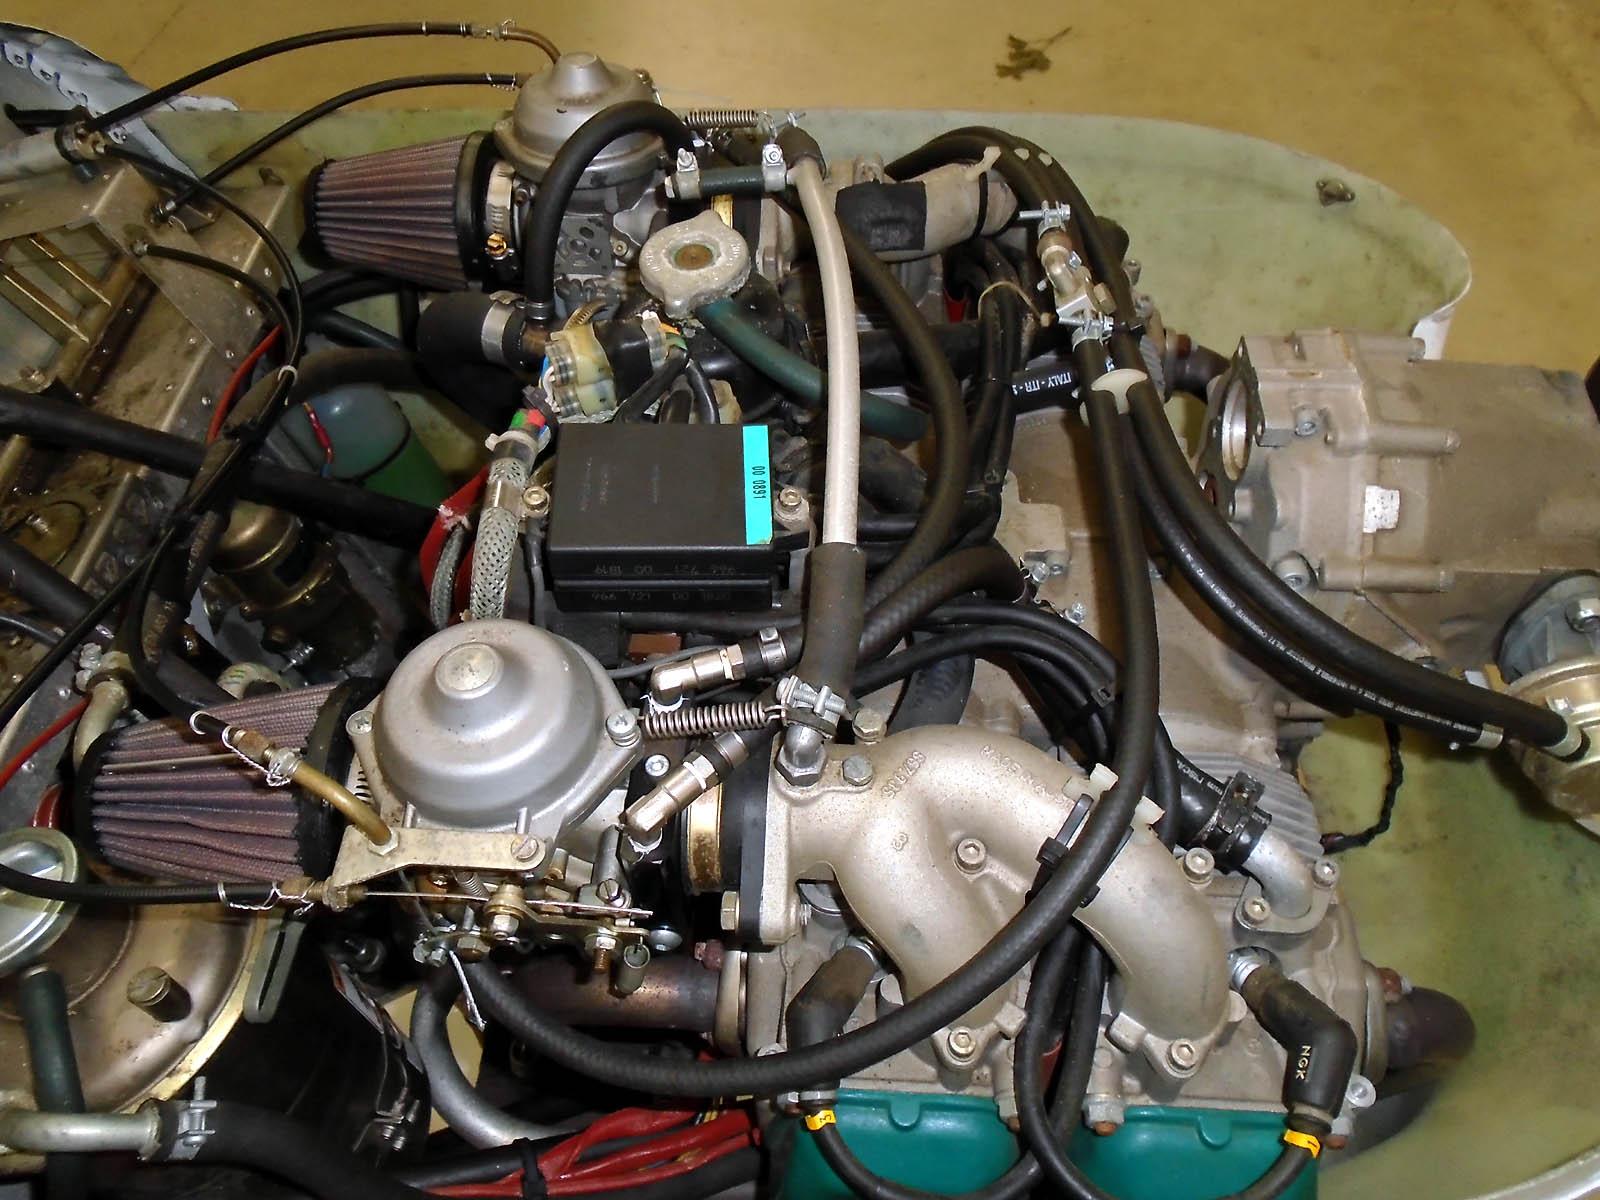 ICP Savannah MXP 740 Rotax engine